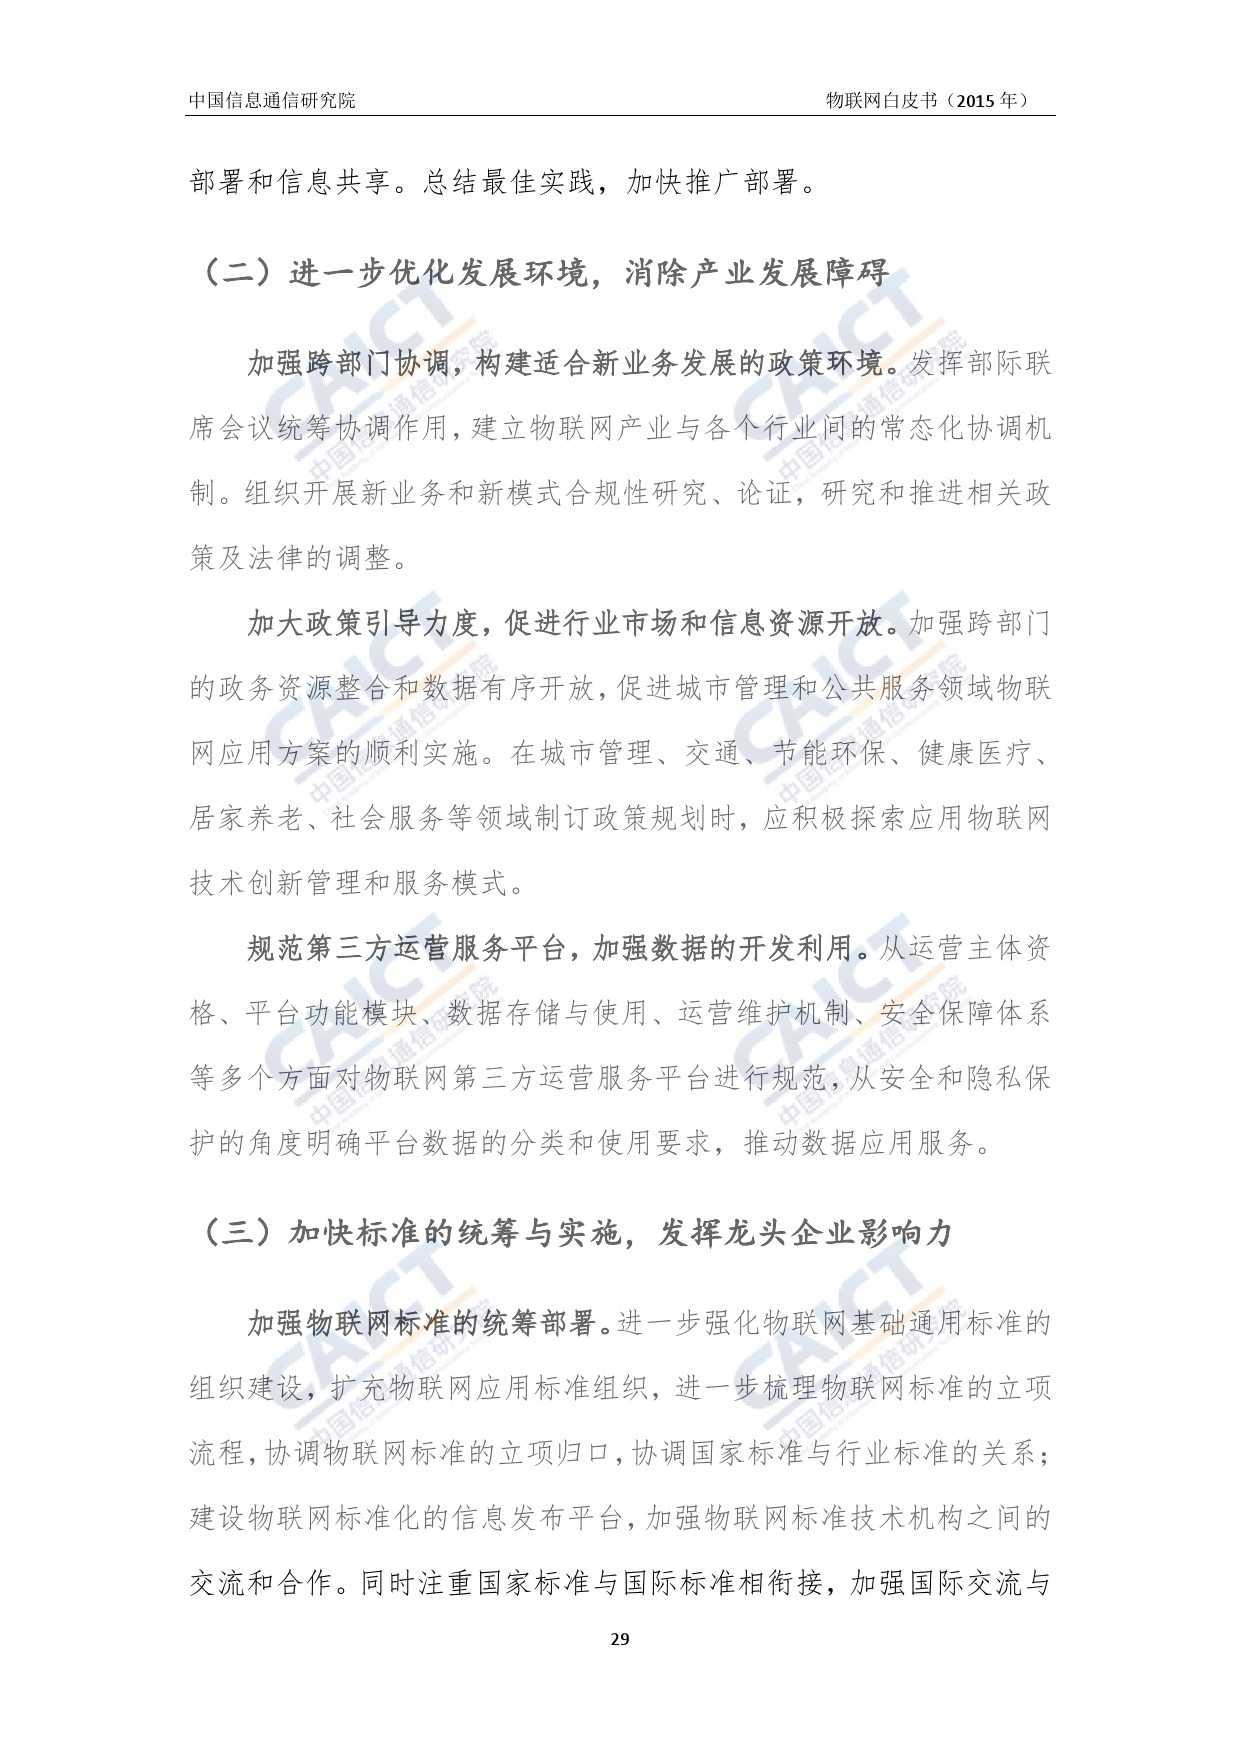 中国信息通信研究院:2015年物联网白皮书_000033